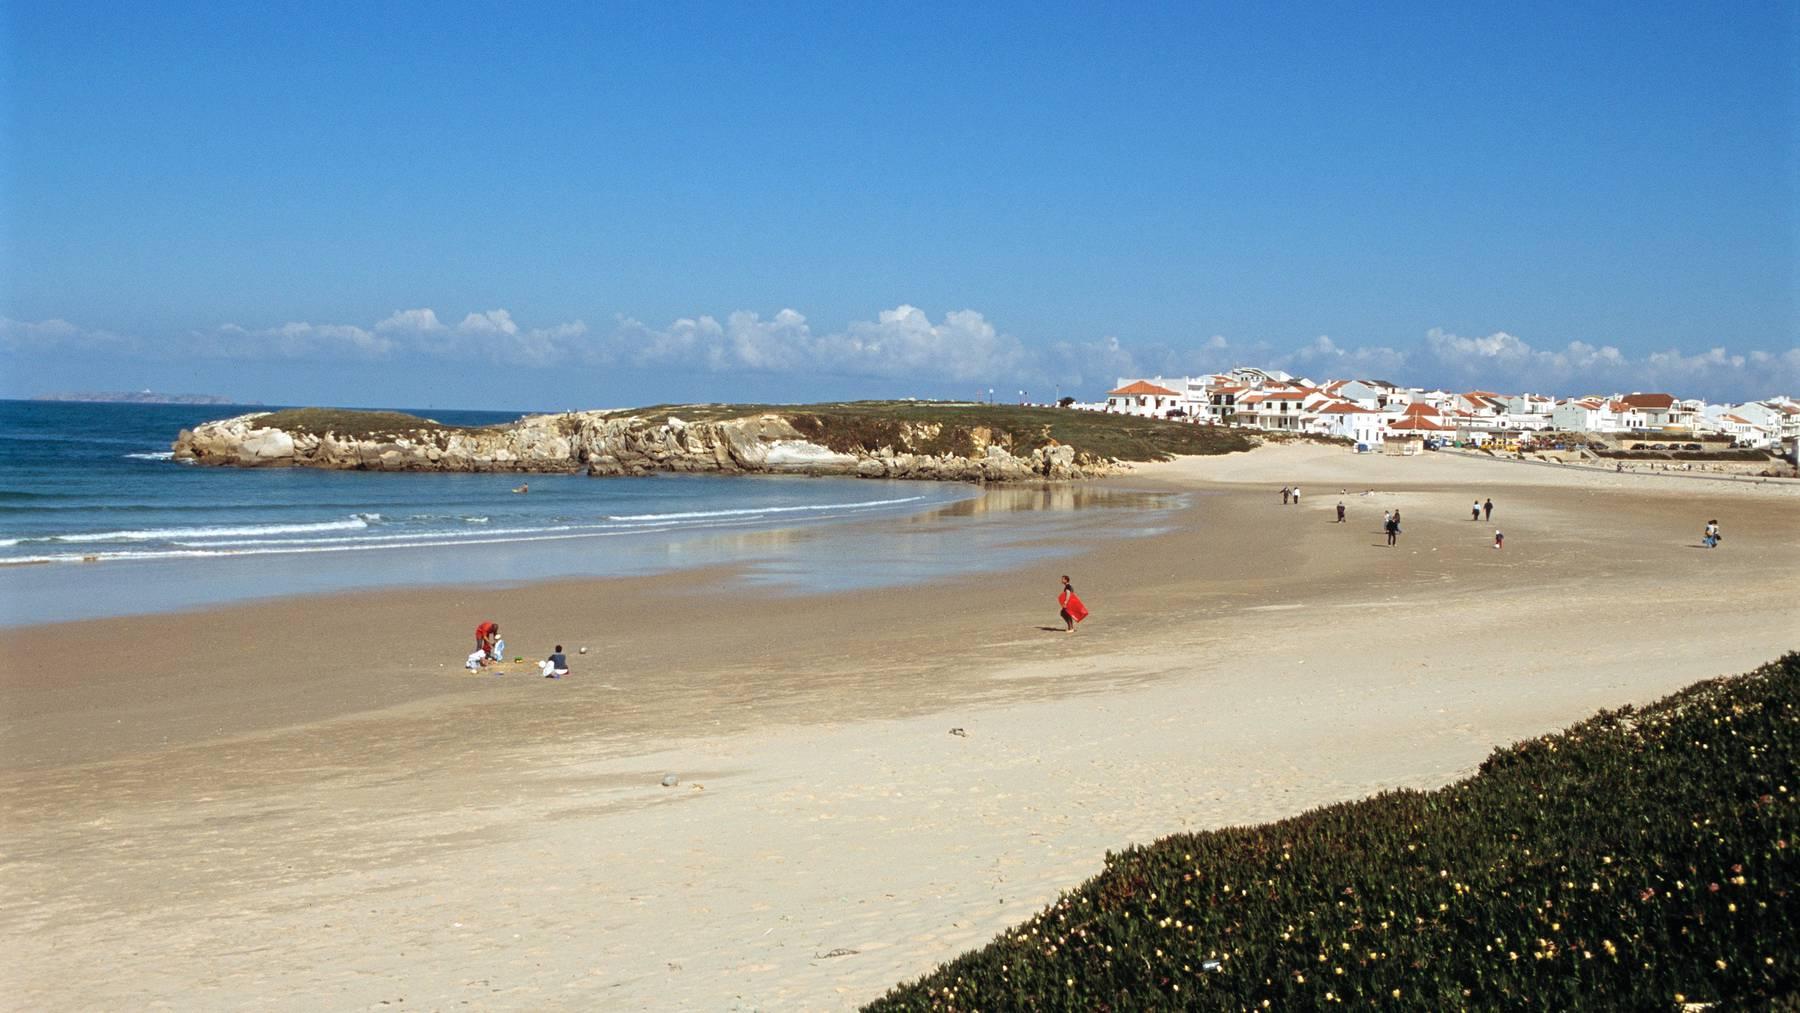 Weil die Strandbesucher weg bleiben, fehlen den Reiseveranstaltern auch die Einnahmen. (Symbolbild)